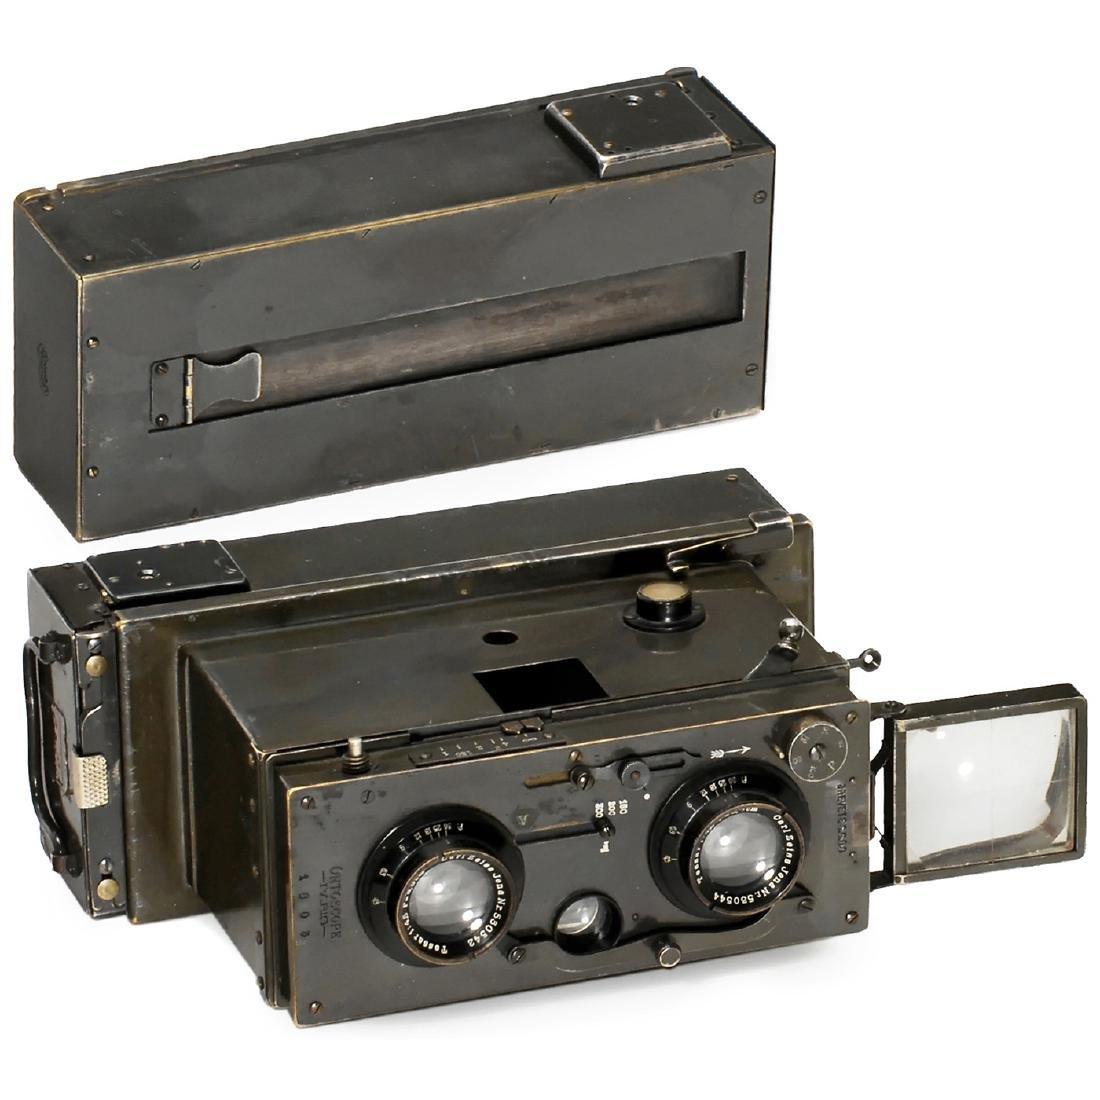 Cornu Ontoscope 3A 6 x 13, 1922